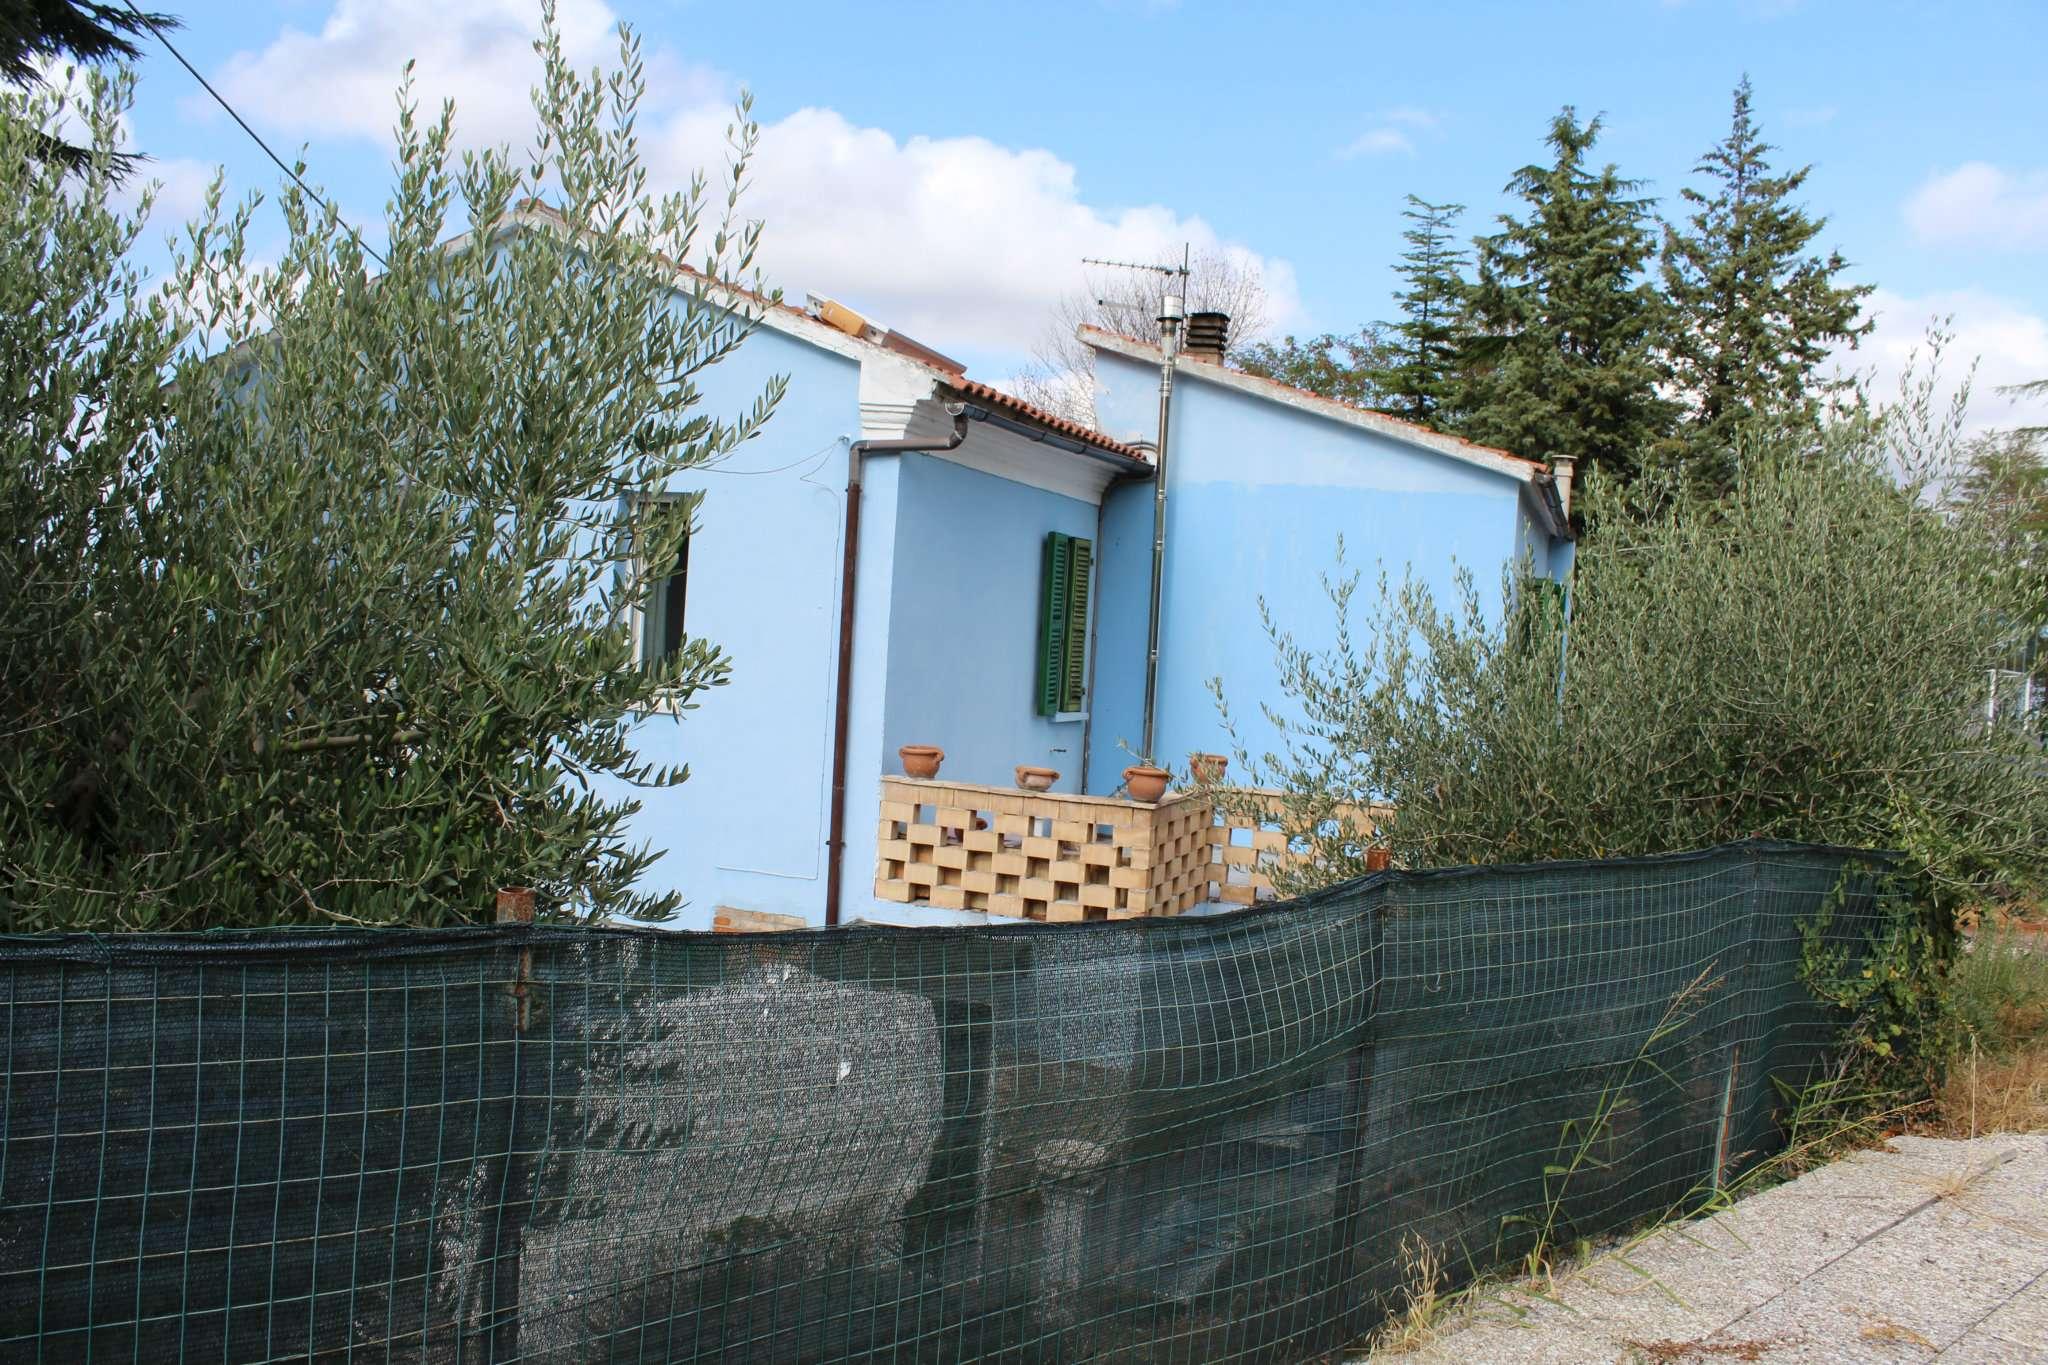 Soluzione Indipendente in vendita a Monteciccardo, 8 locali, prezzo € 360.000 | CambioCasa.it